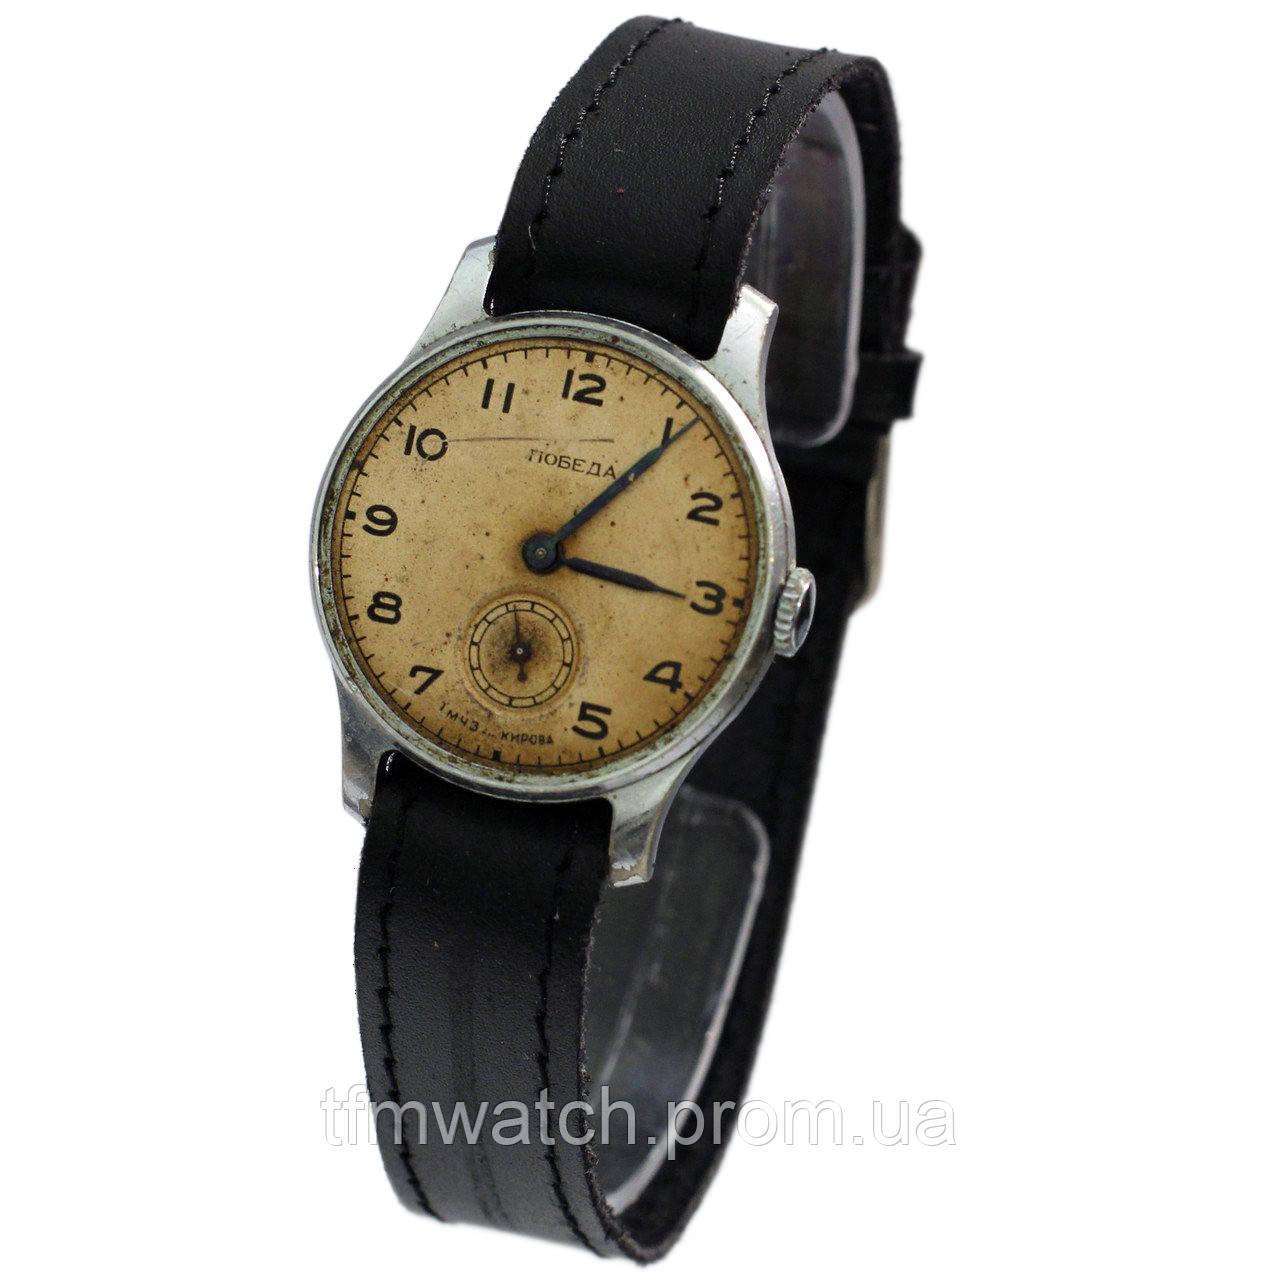 Витажные часы Победа Pobeda, фото 1